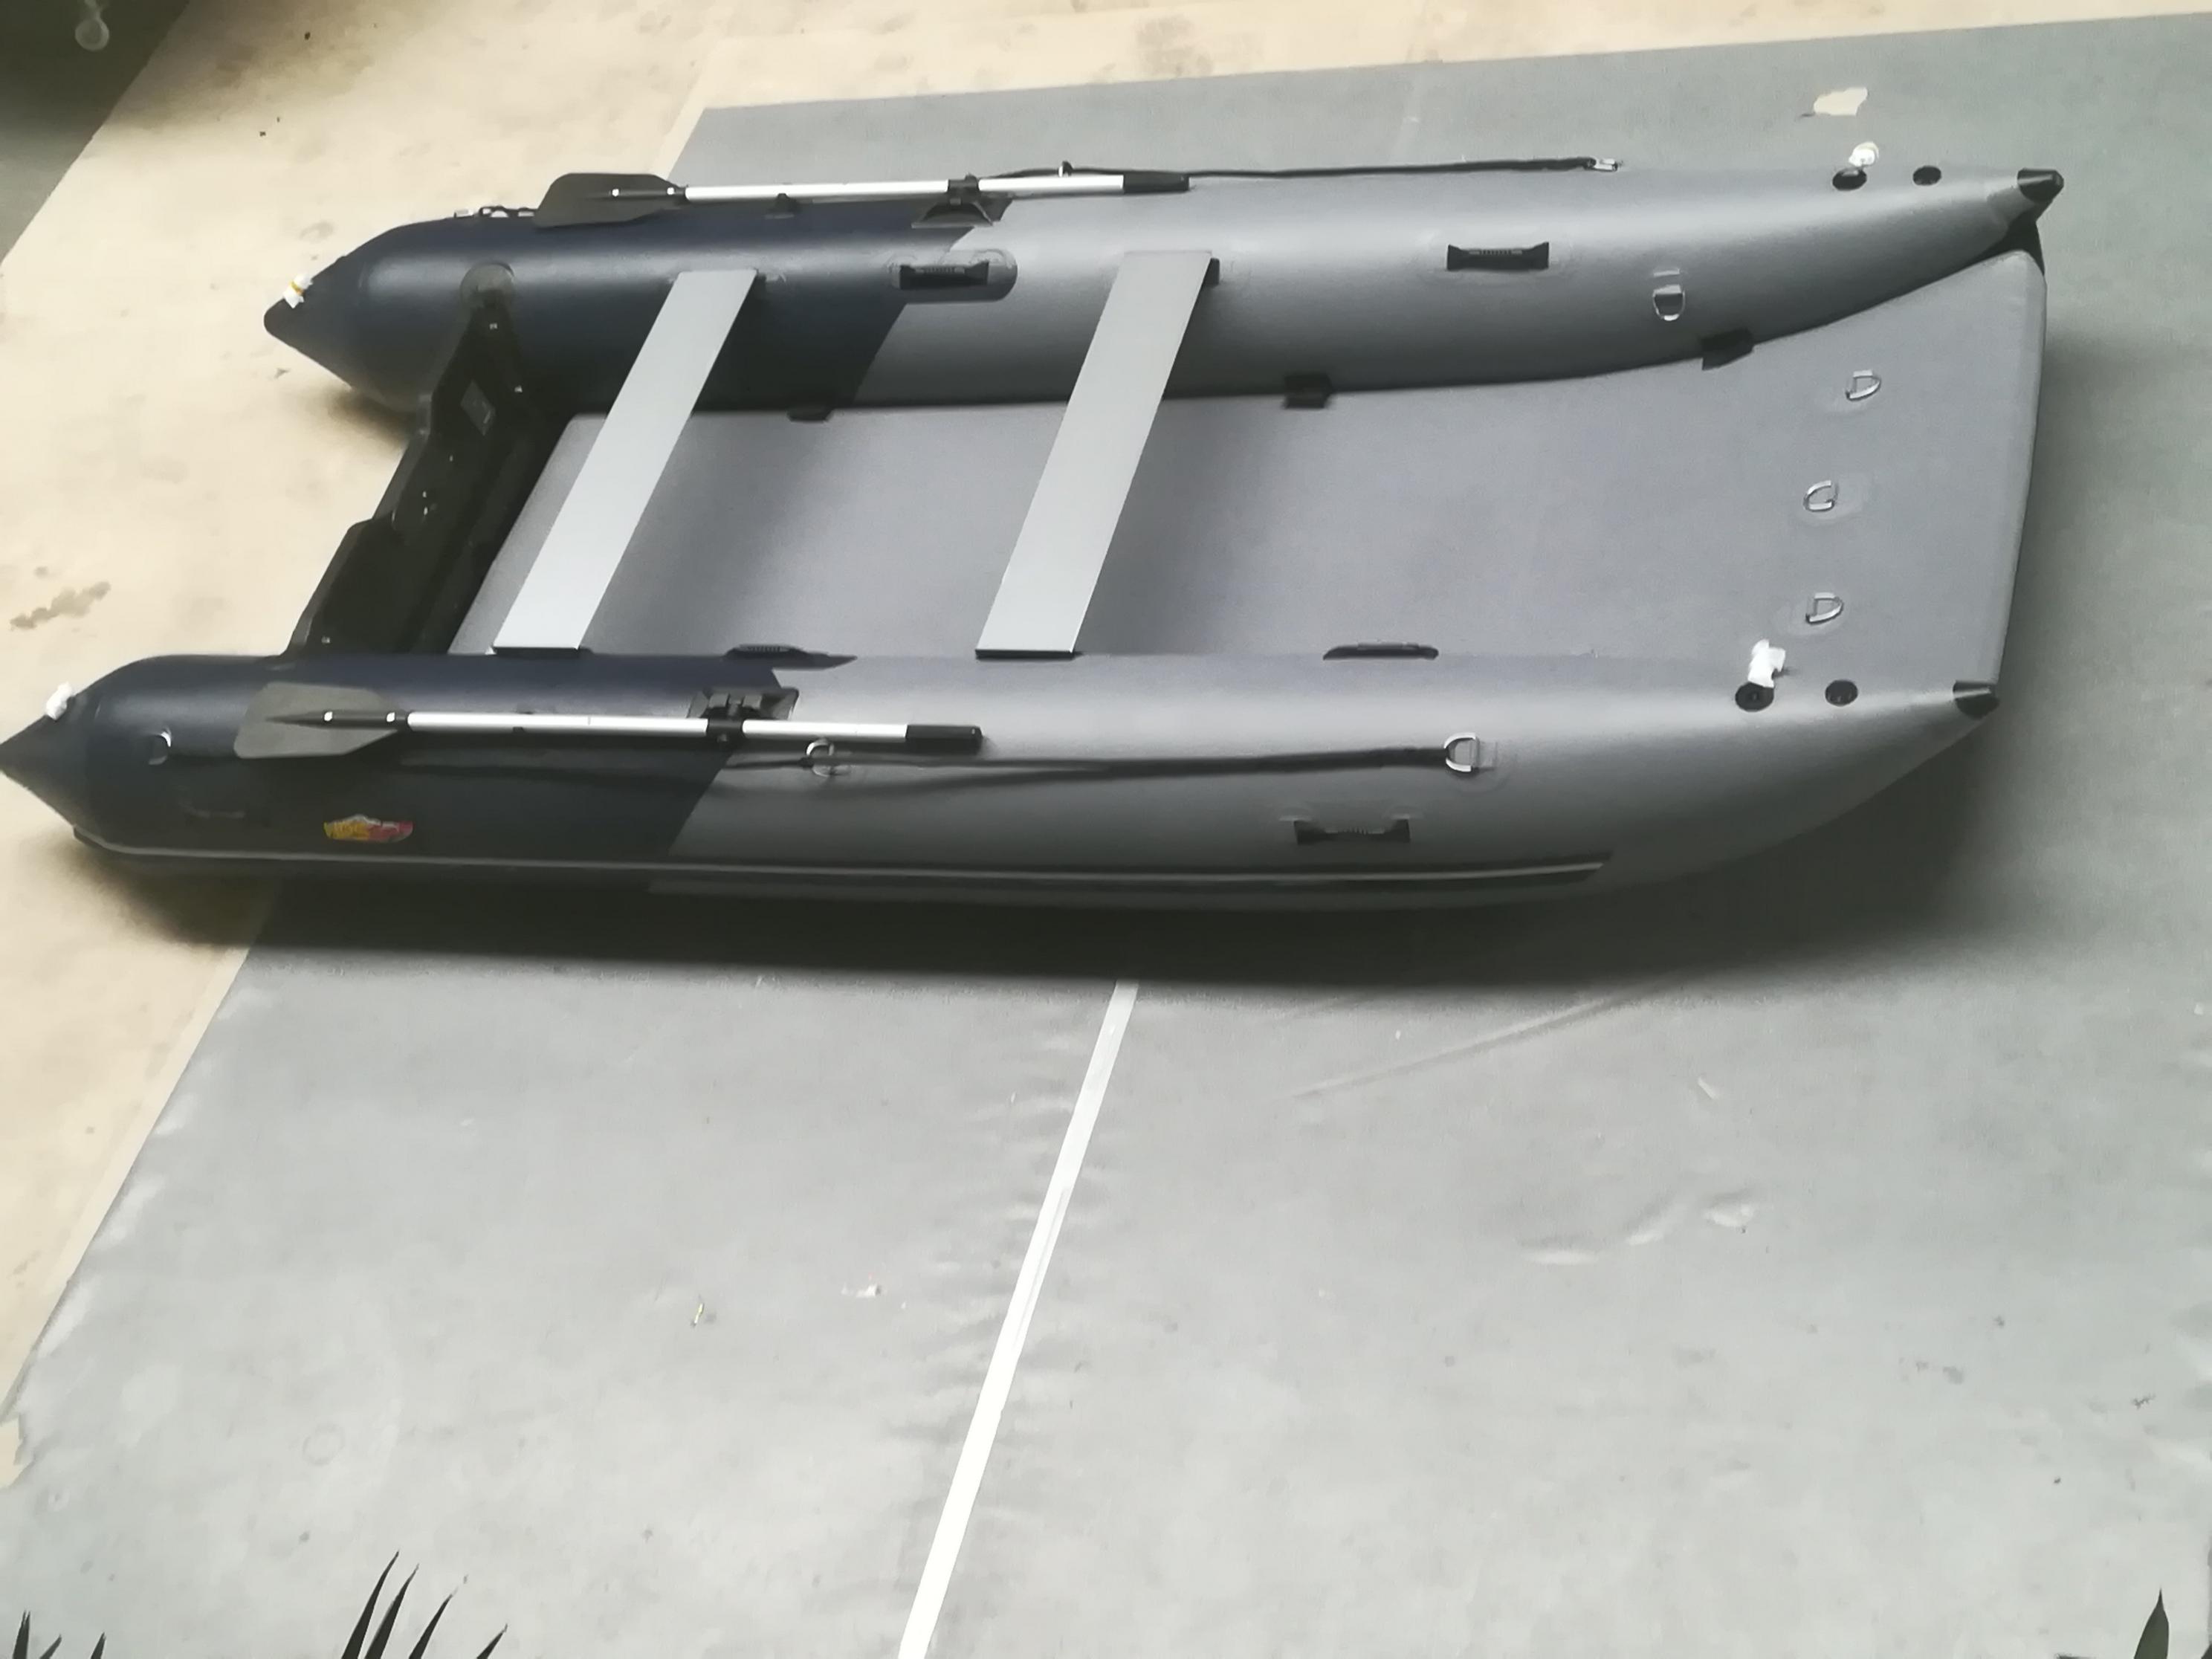 Schlauchboot HPS-Cat 420 Schwarz/Dunkelgrau ! Neu jetzt mit beschichteten GFK Spiegel!